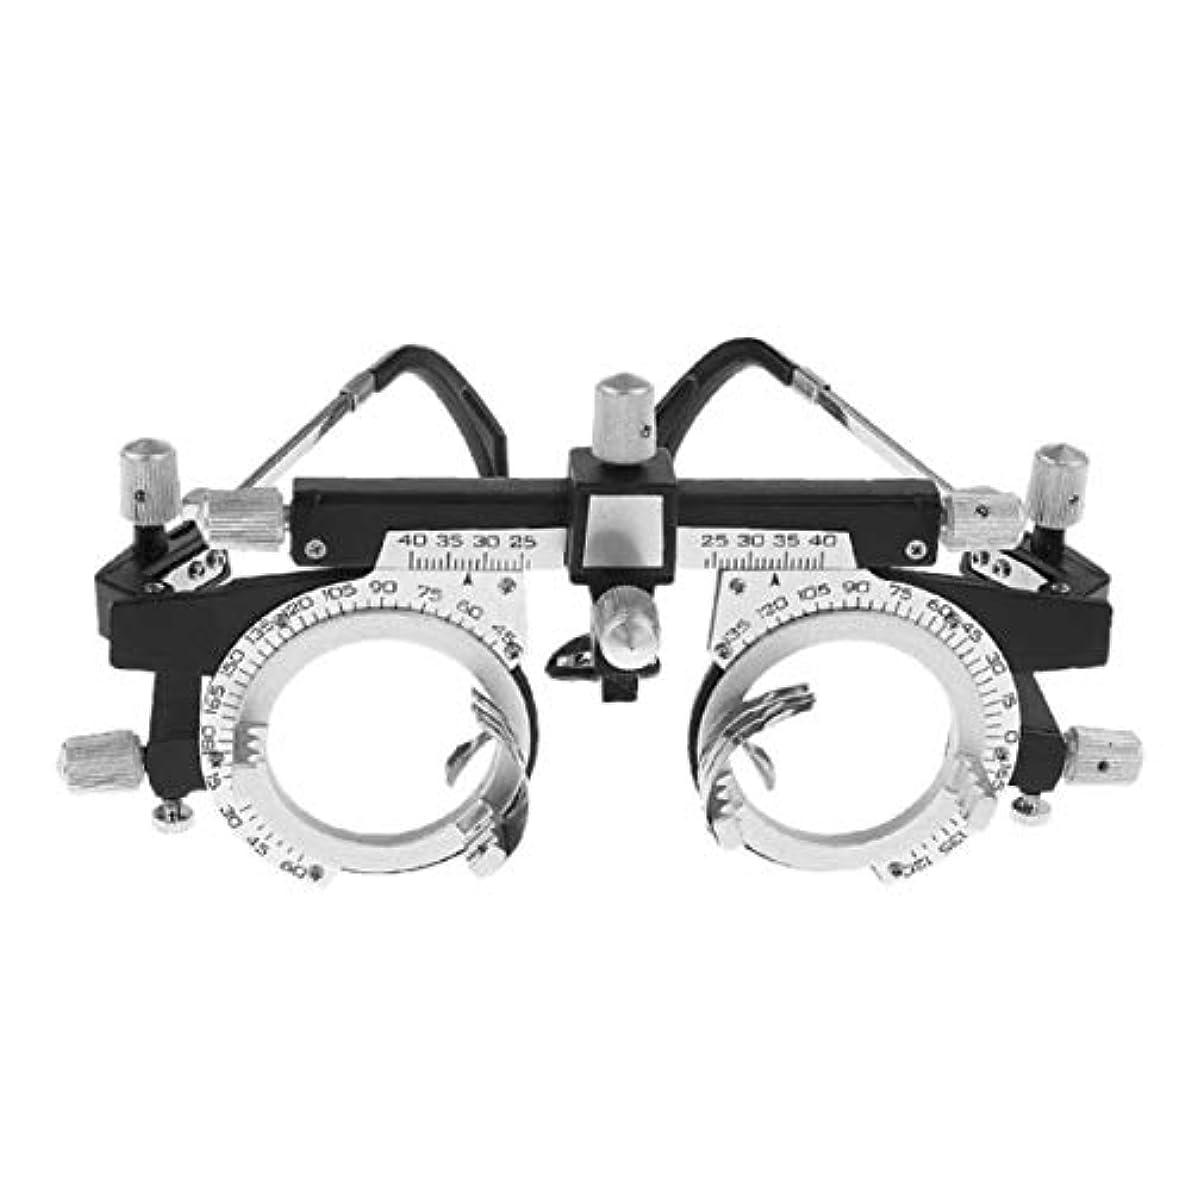 製造業ビタミン前に調節可能なプロフェッショナルアイウェア検眼メタルフレーム光学オプティクストライアルレンズメタルフレームPDメガネアクセサリー - シルバー&ブラック